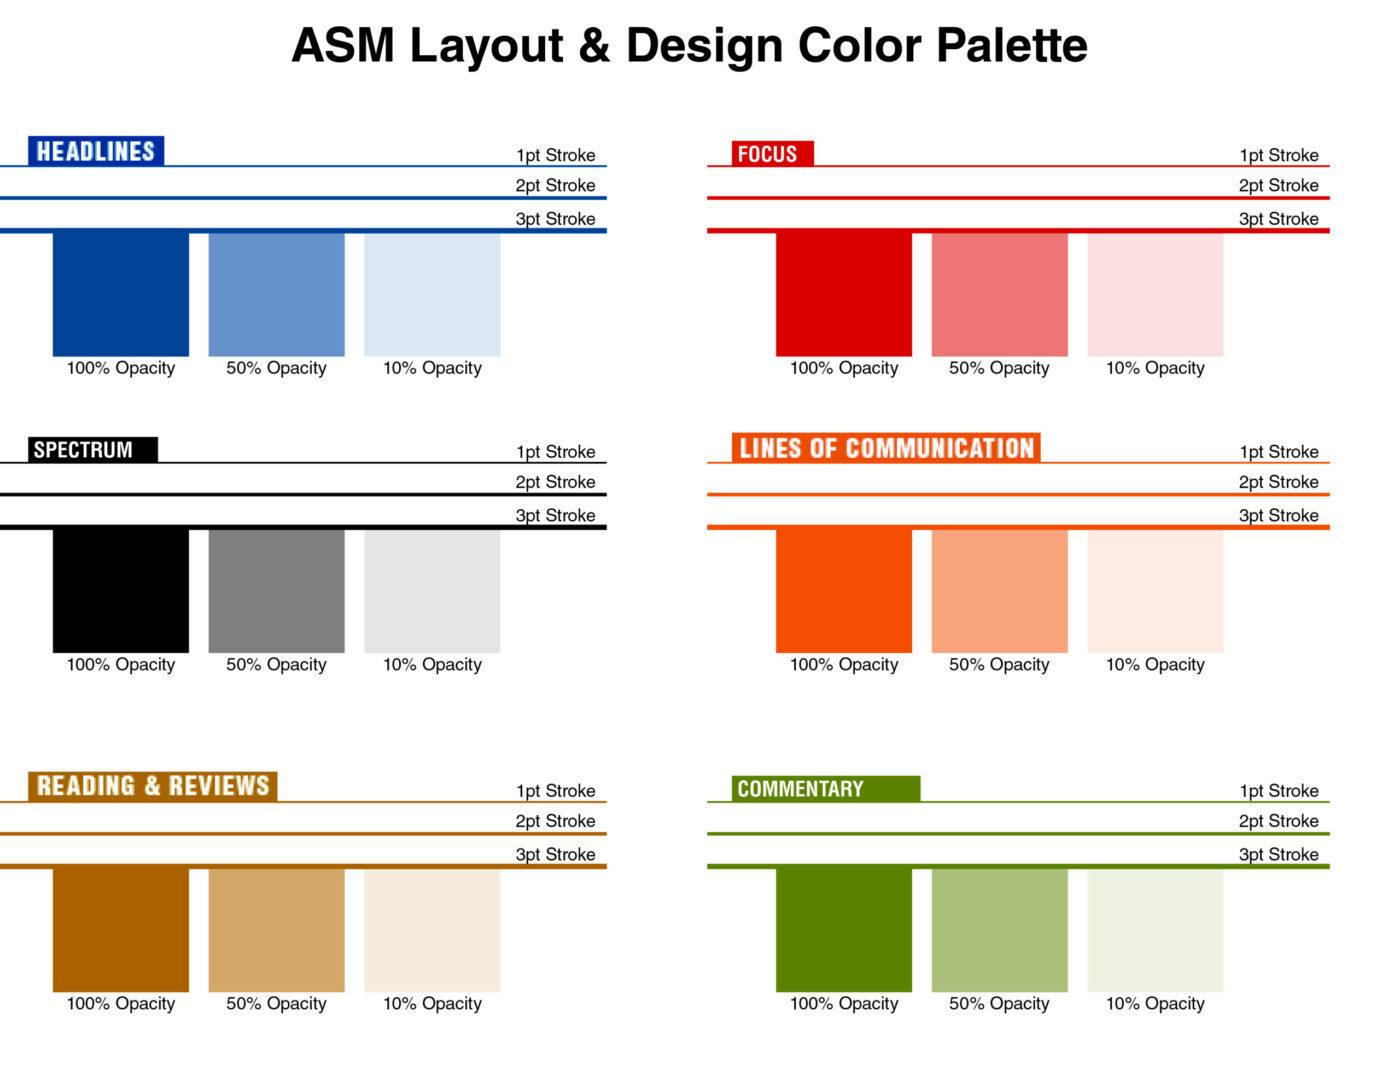 ASM Layout & Design Color Palette